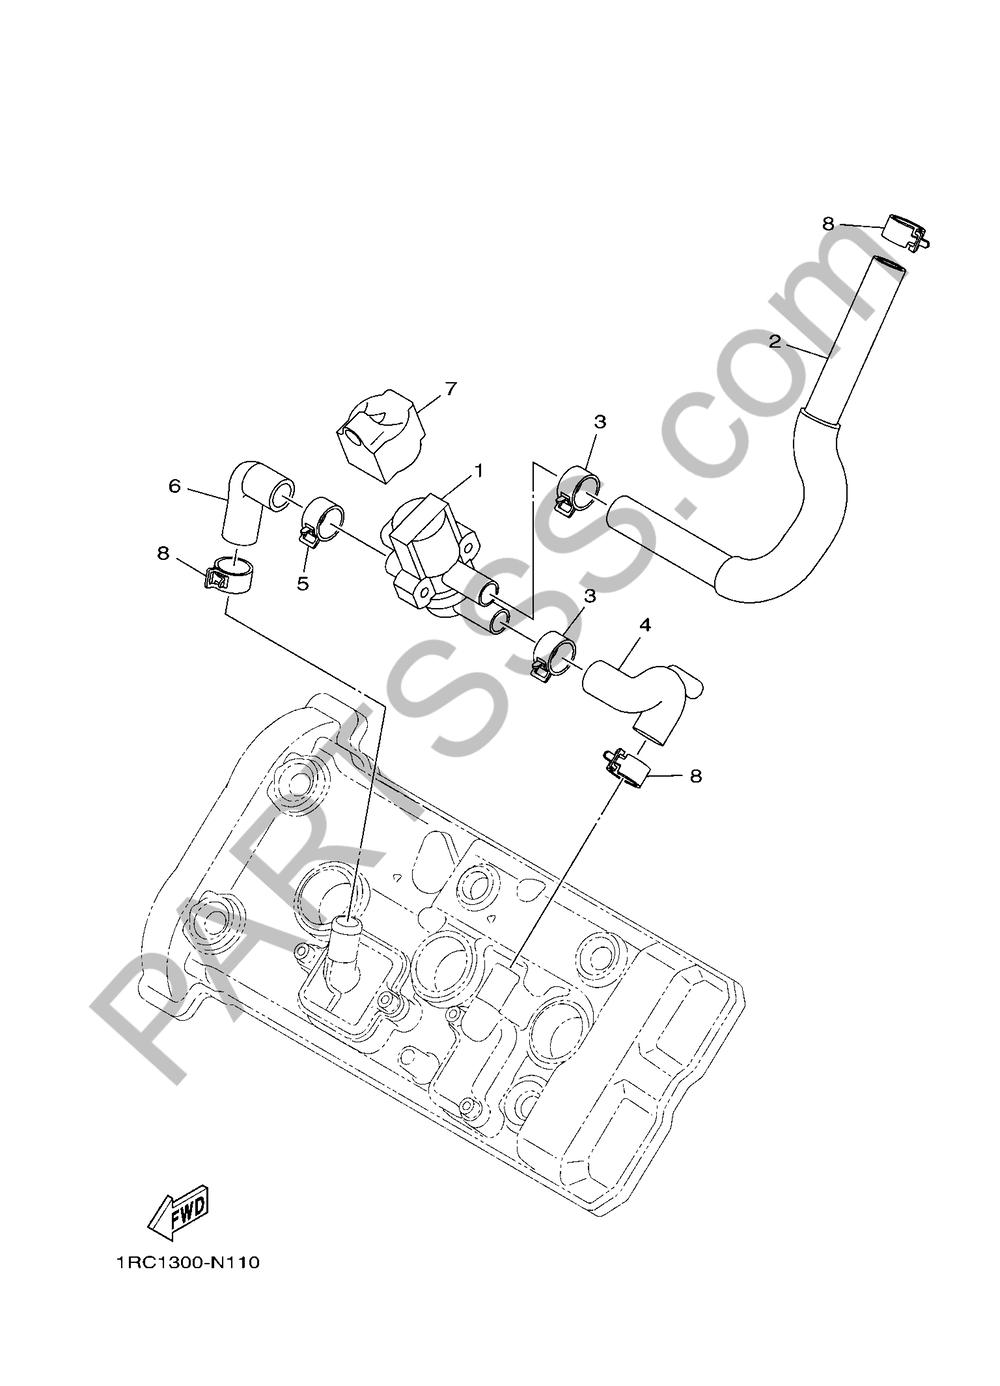 SYSTEMA DE INDUCCION DE AIRE Yamaha MT-09 ABS 2017